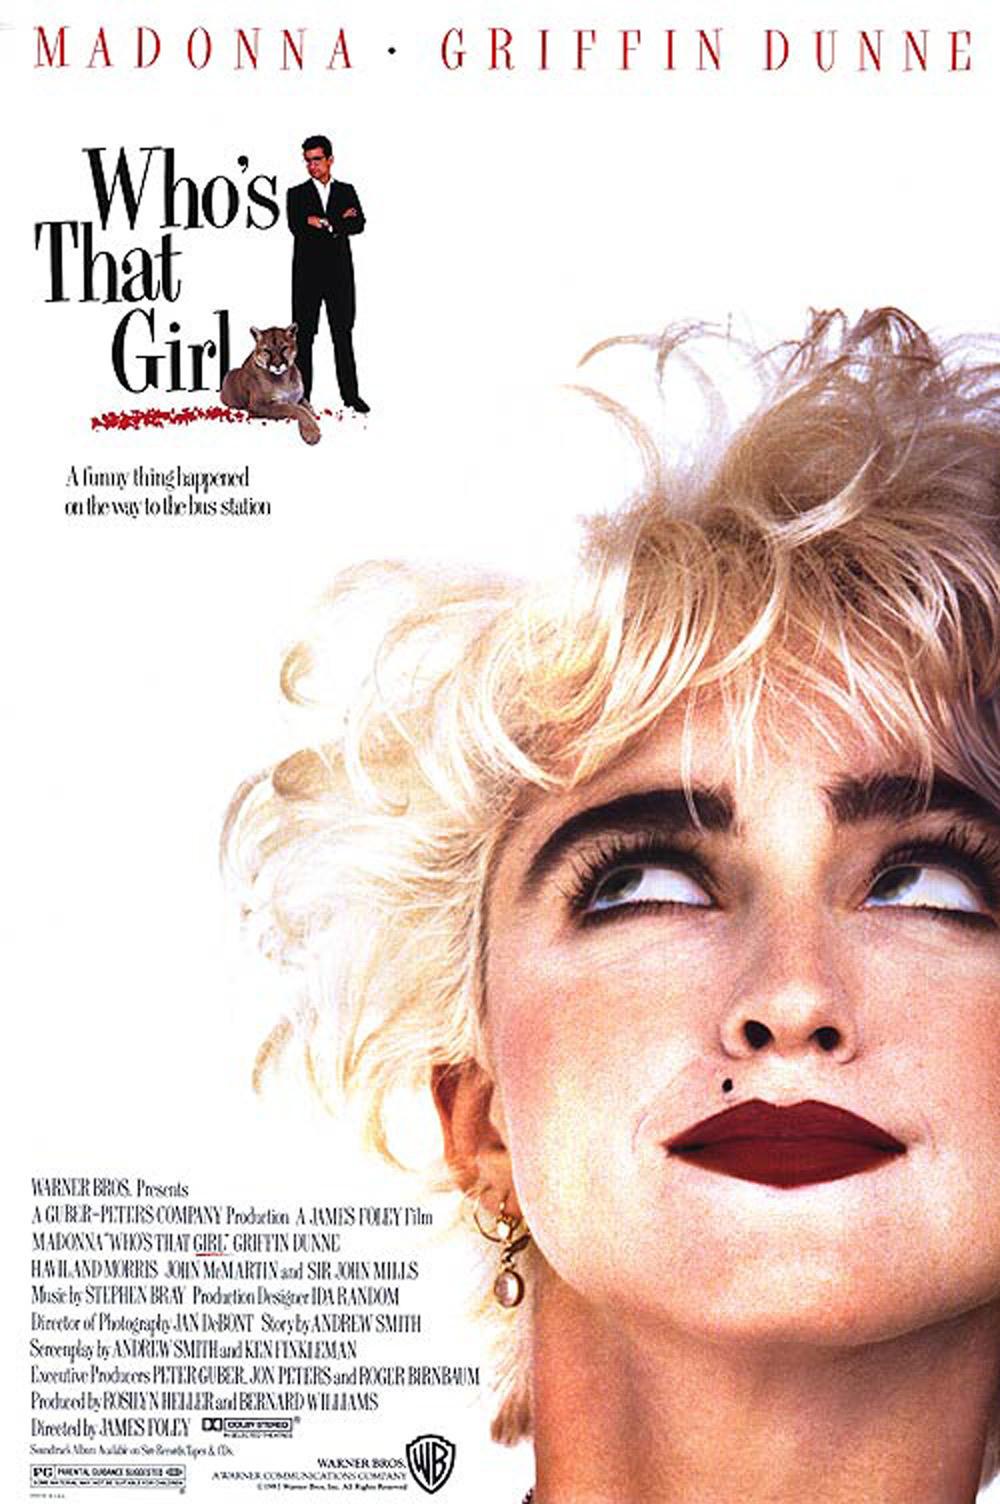 80s Madonna Makeup